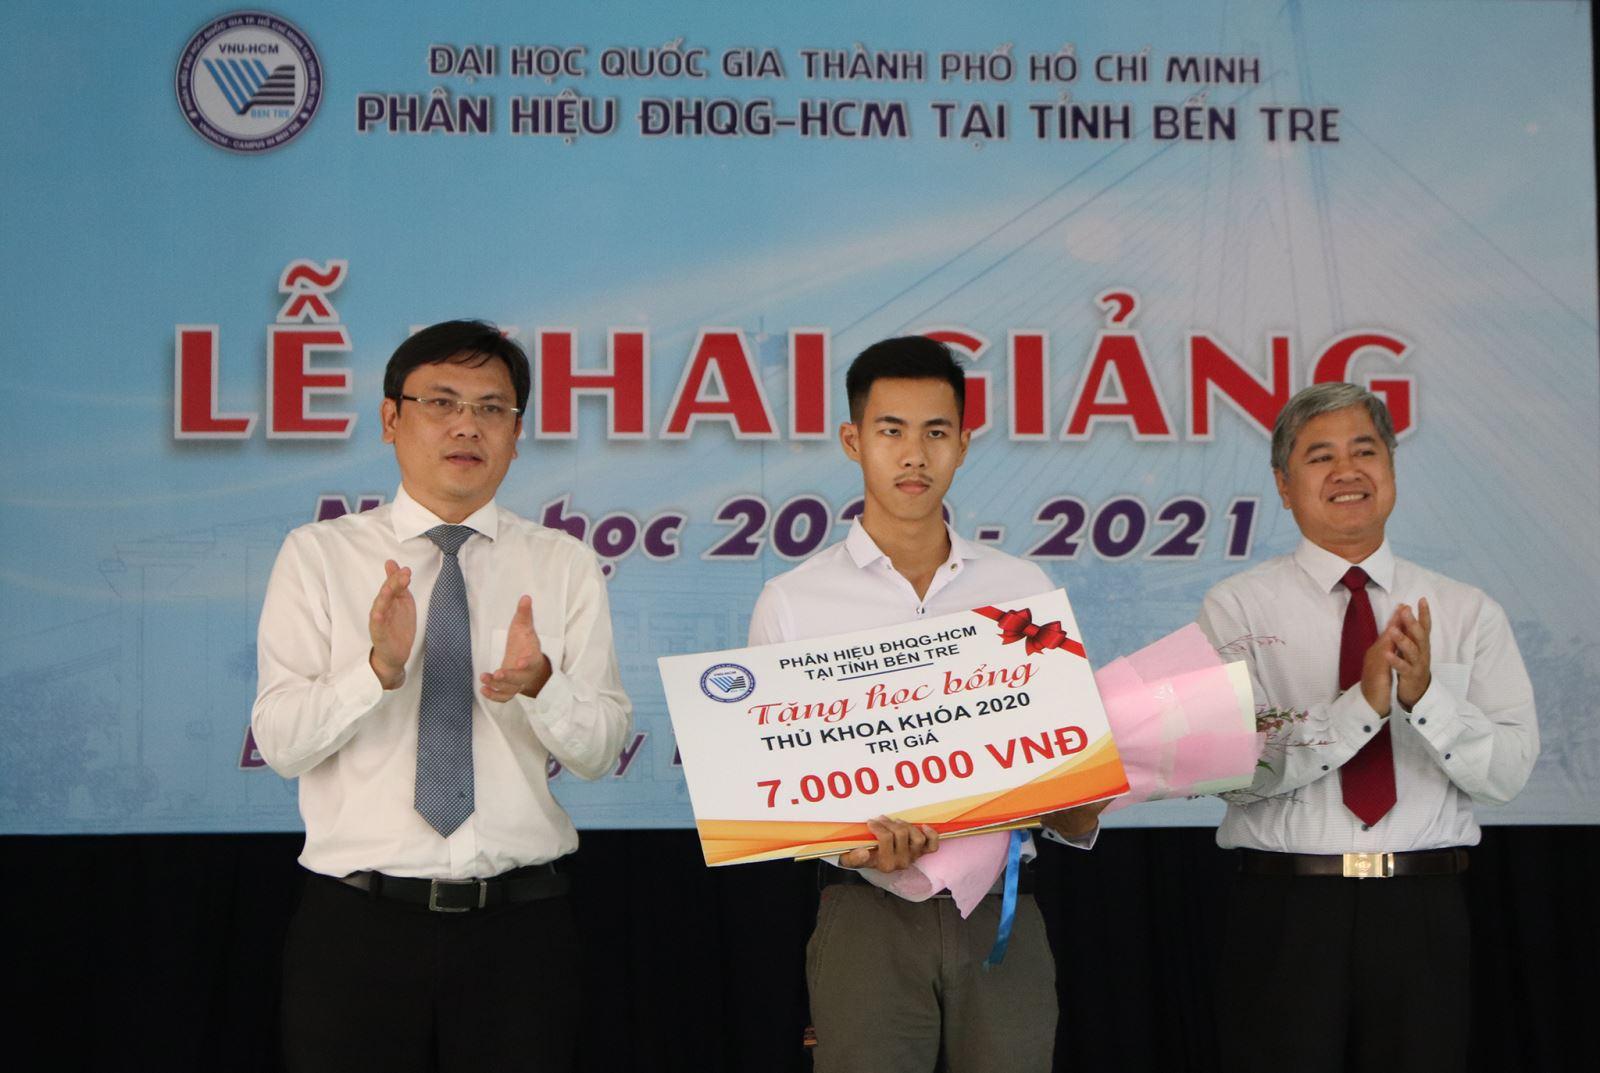 PHÂN HIỆU ĐHQG-HCM KHAI GIẢNG NĂM HỌC MỚI 2020 - 2021